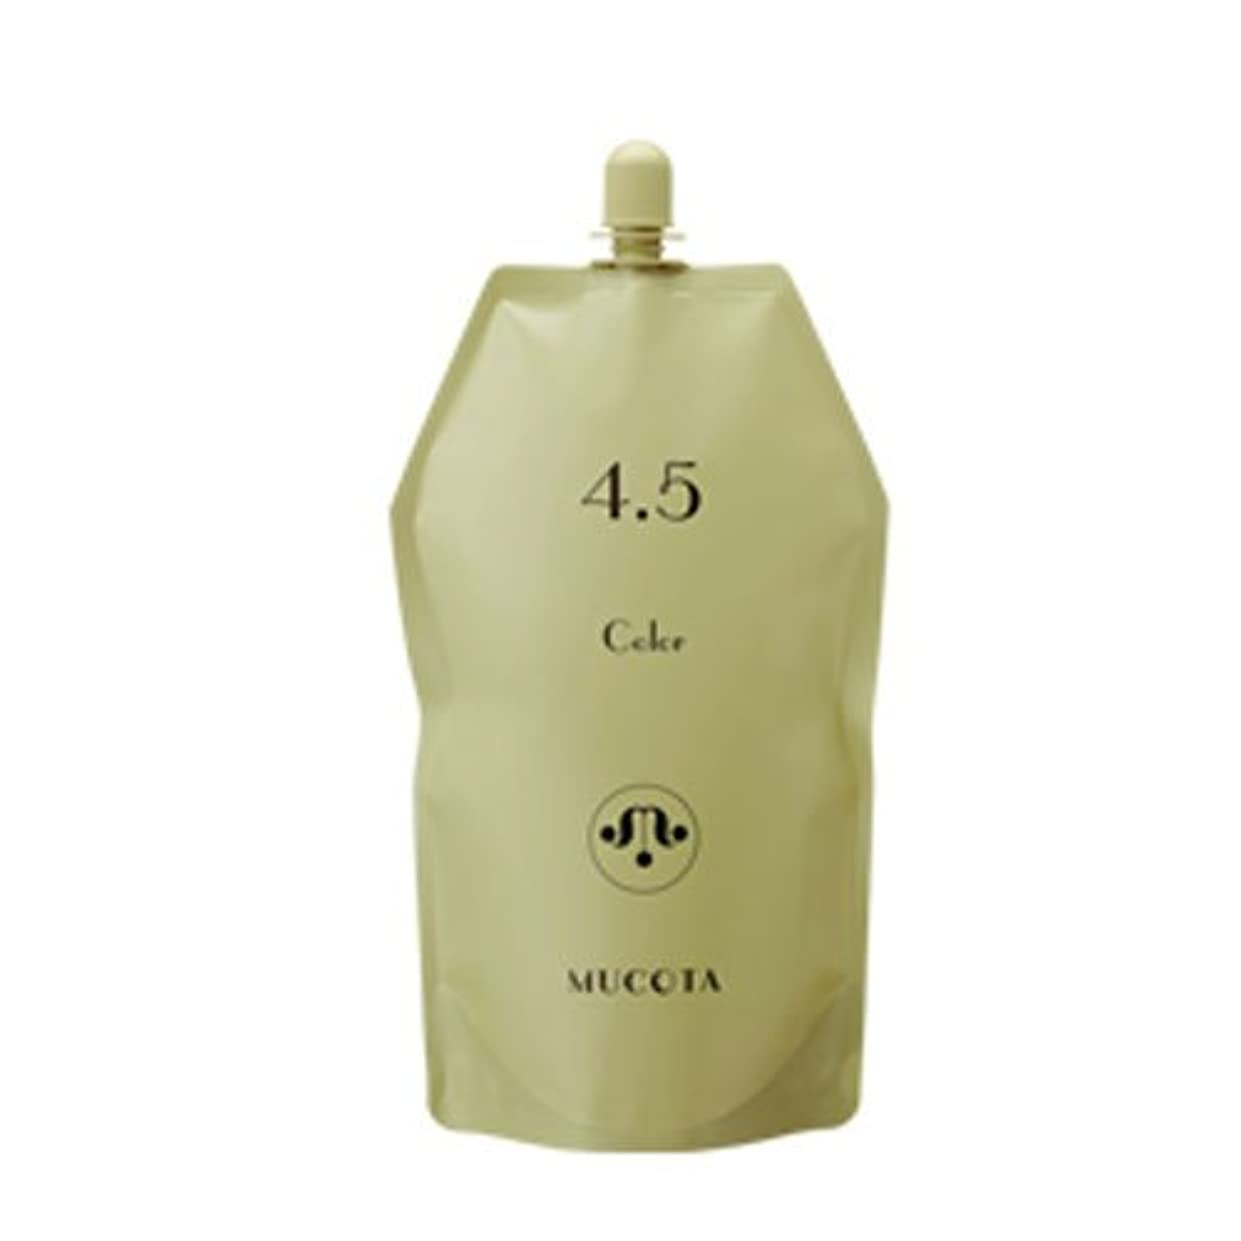 アレイアスレチックコロニームコタ ヘアカラー OX(3.0%/4.5%/6.0%) 各 1000ml【2剤】【オキシー】【グレイカラー?白髪染め】 (OX 4.5%)